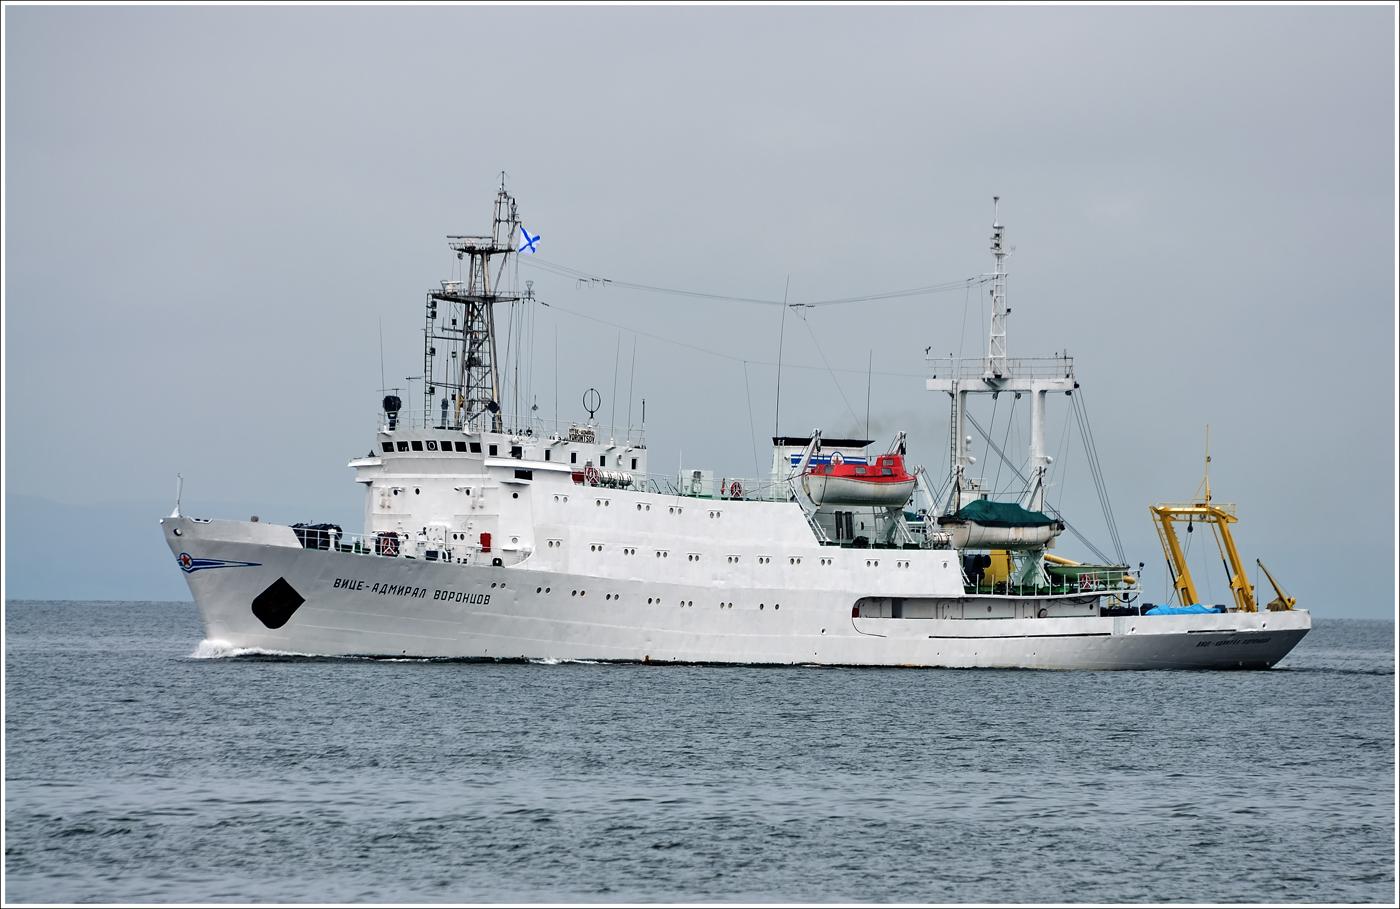 Медведев подписал документ о расширении российских границ на шельфе в Охотском море